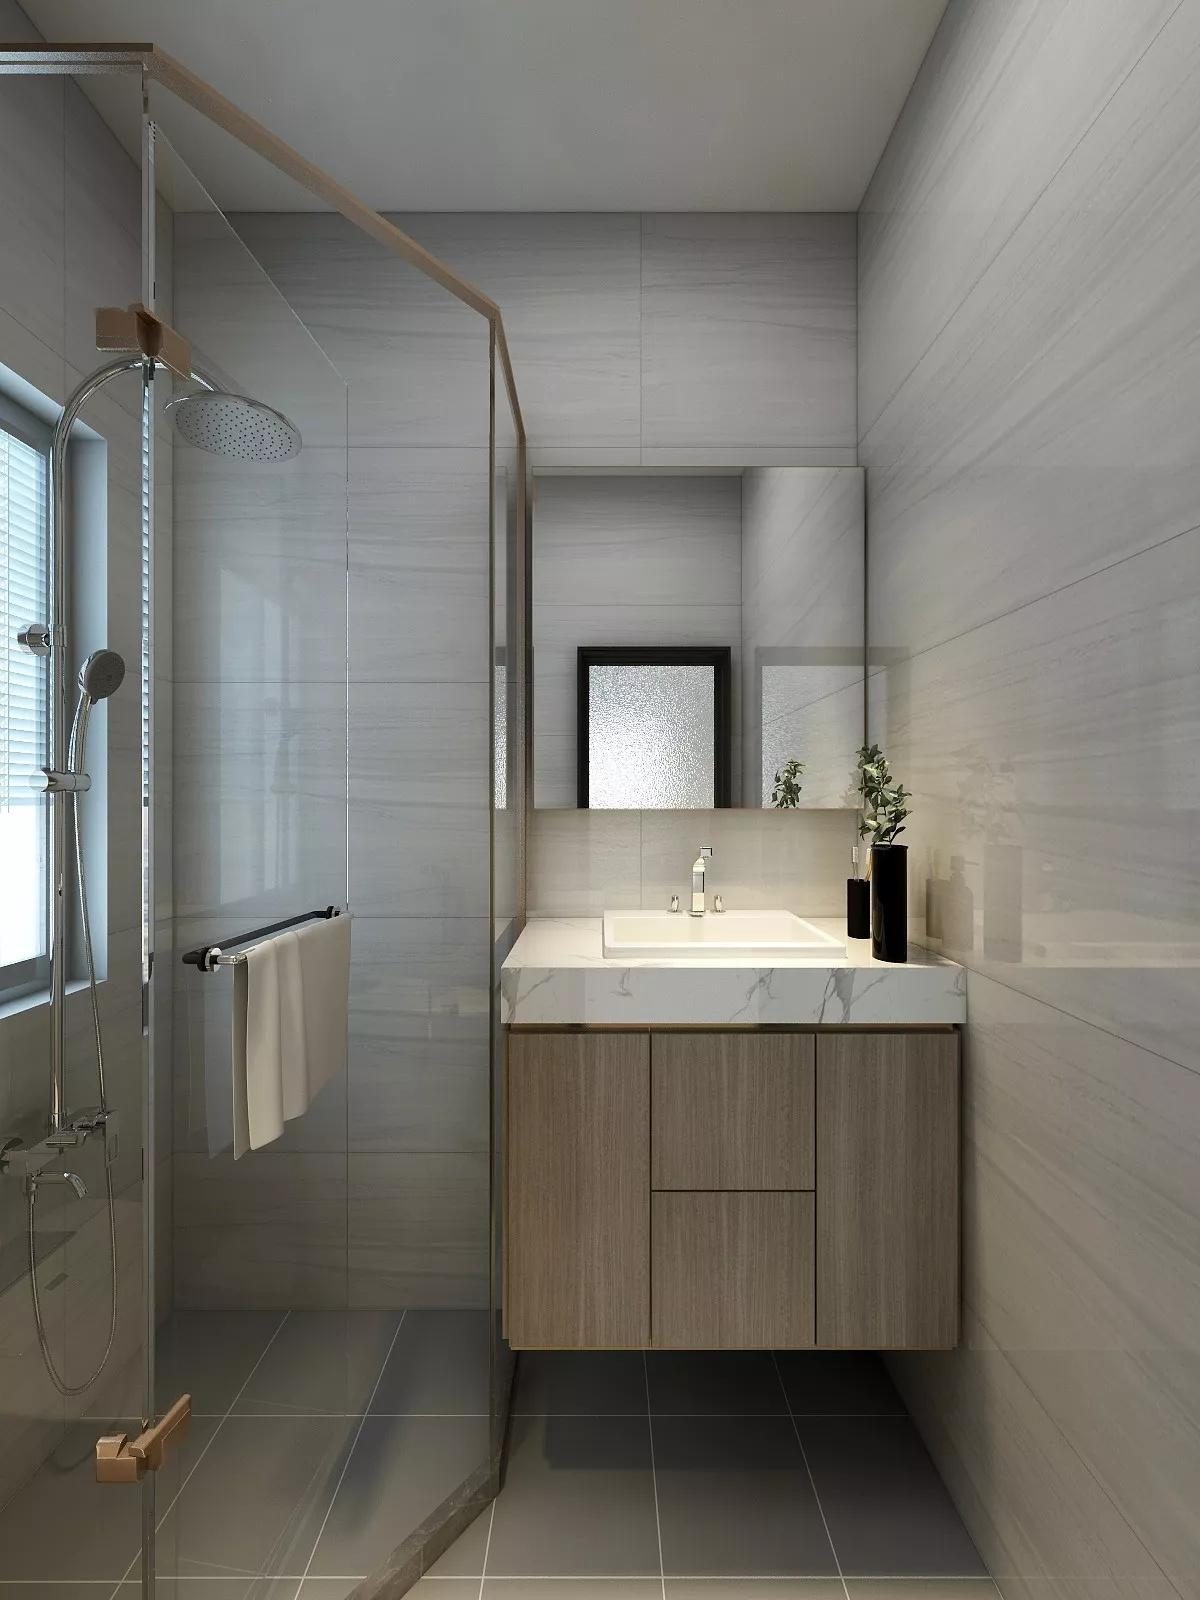 新古典主义公寓混搭家居设计效果图